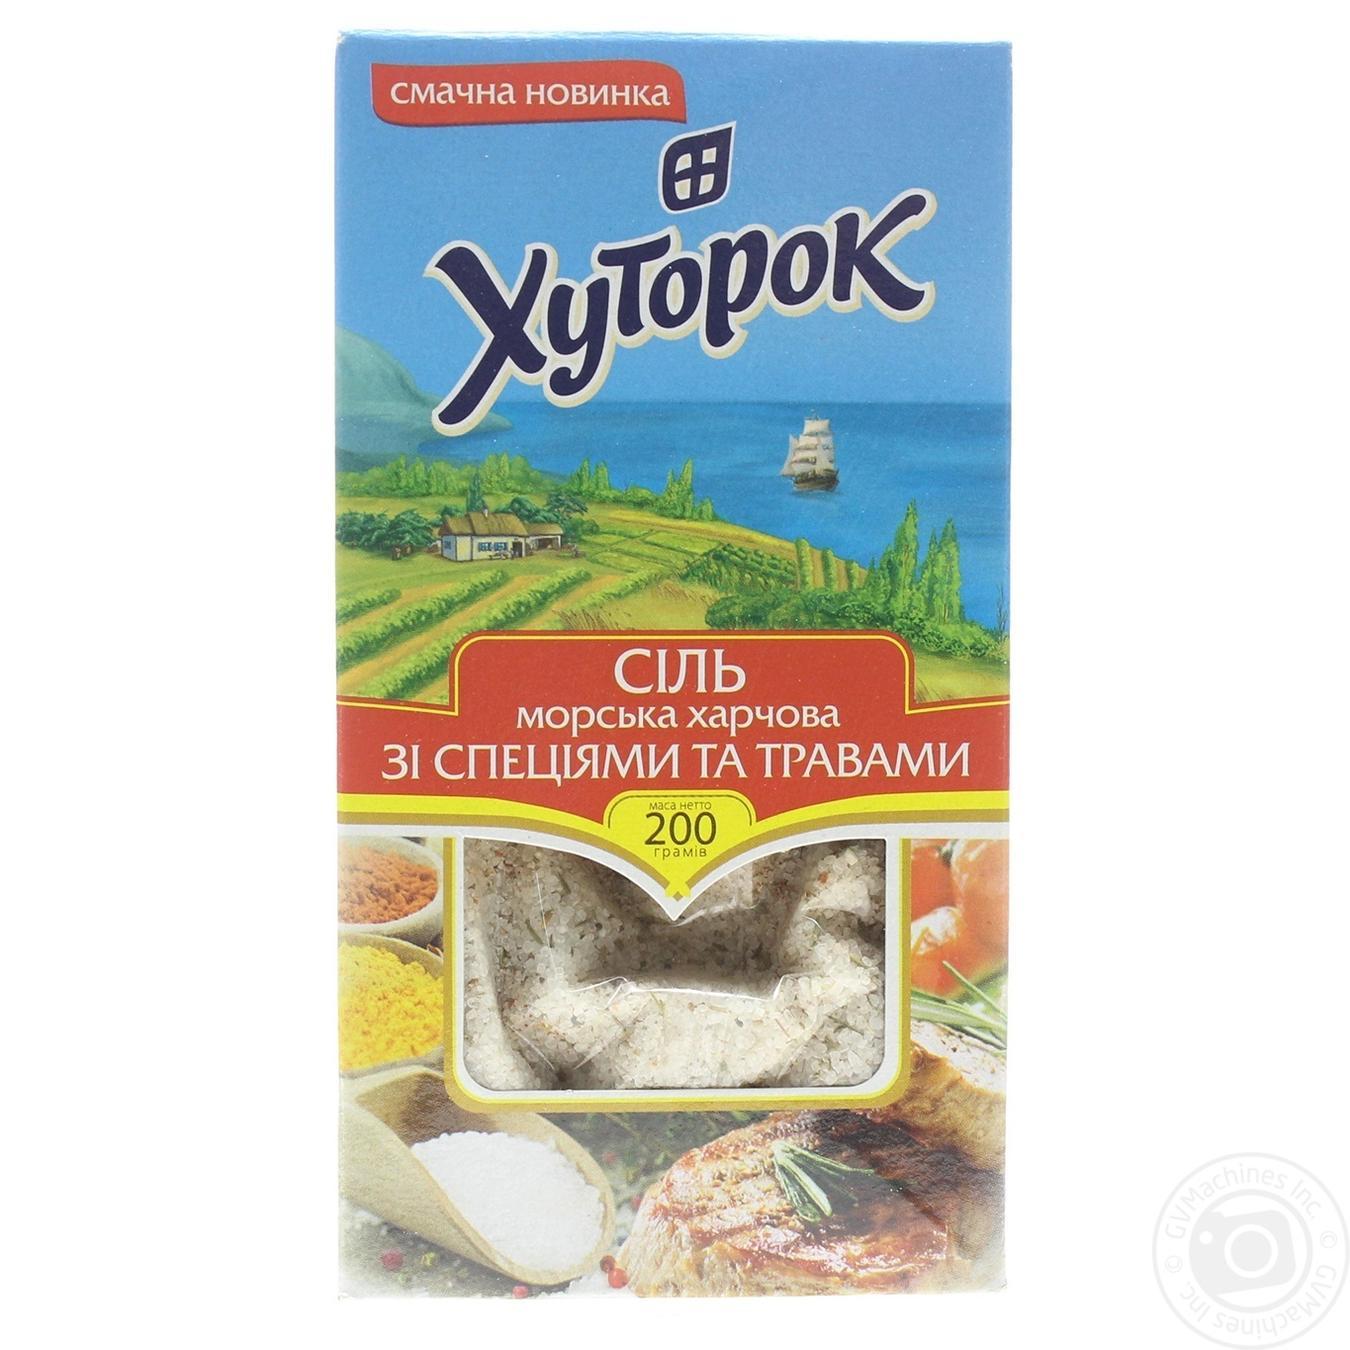 Сіль Хуторок морська харчова з спеціями і травами 200г